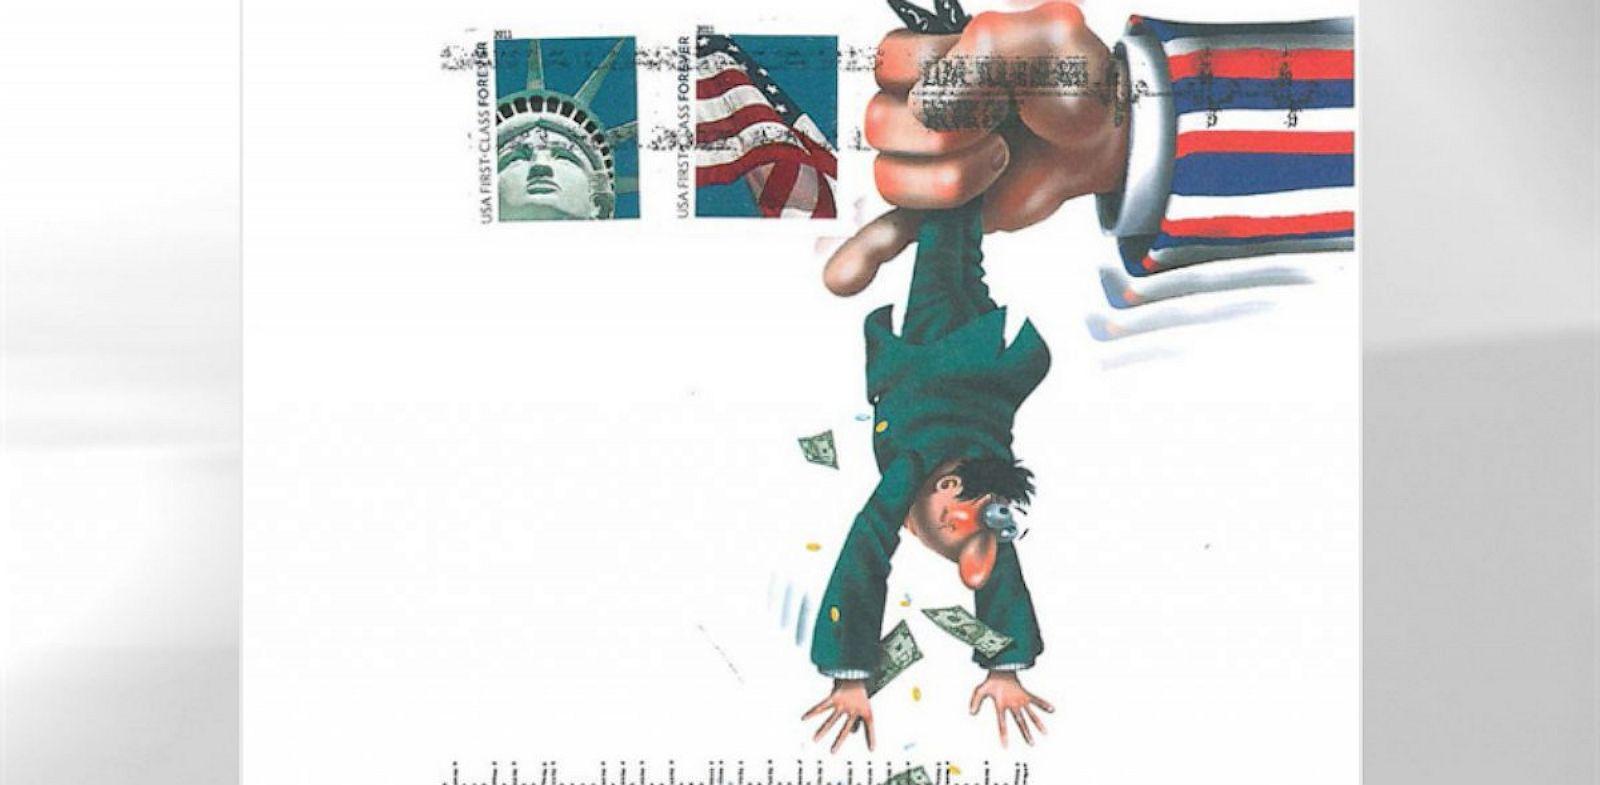 PHOTO: debt collectors cartoon envelope